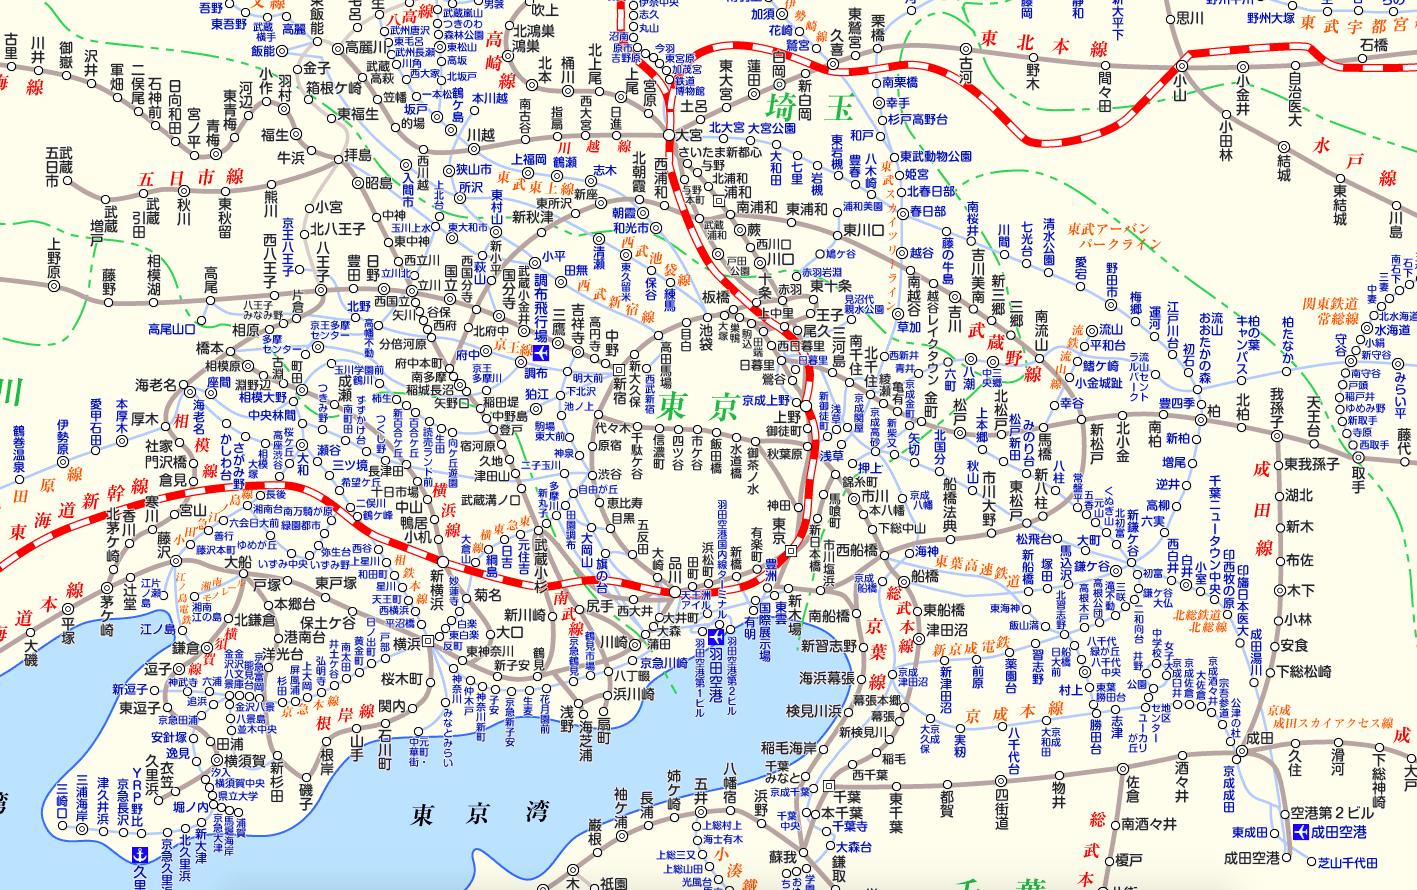 旧路線図(東京)